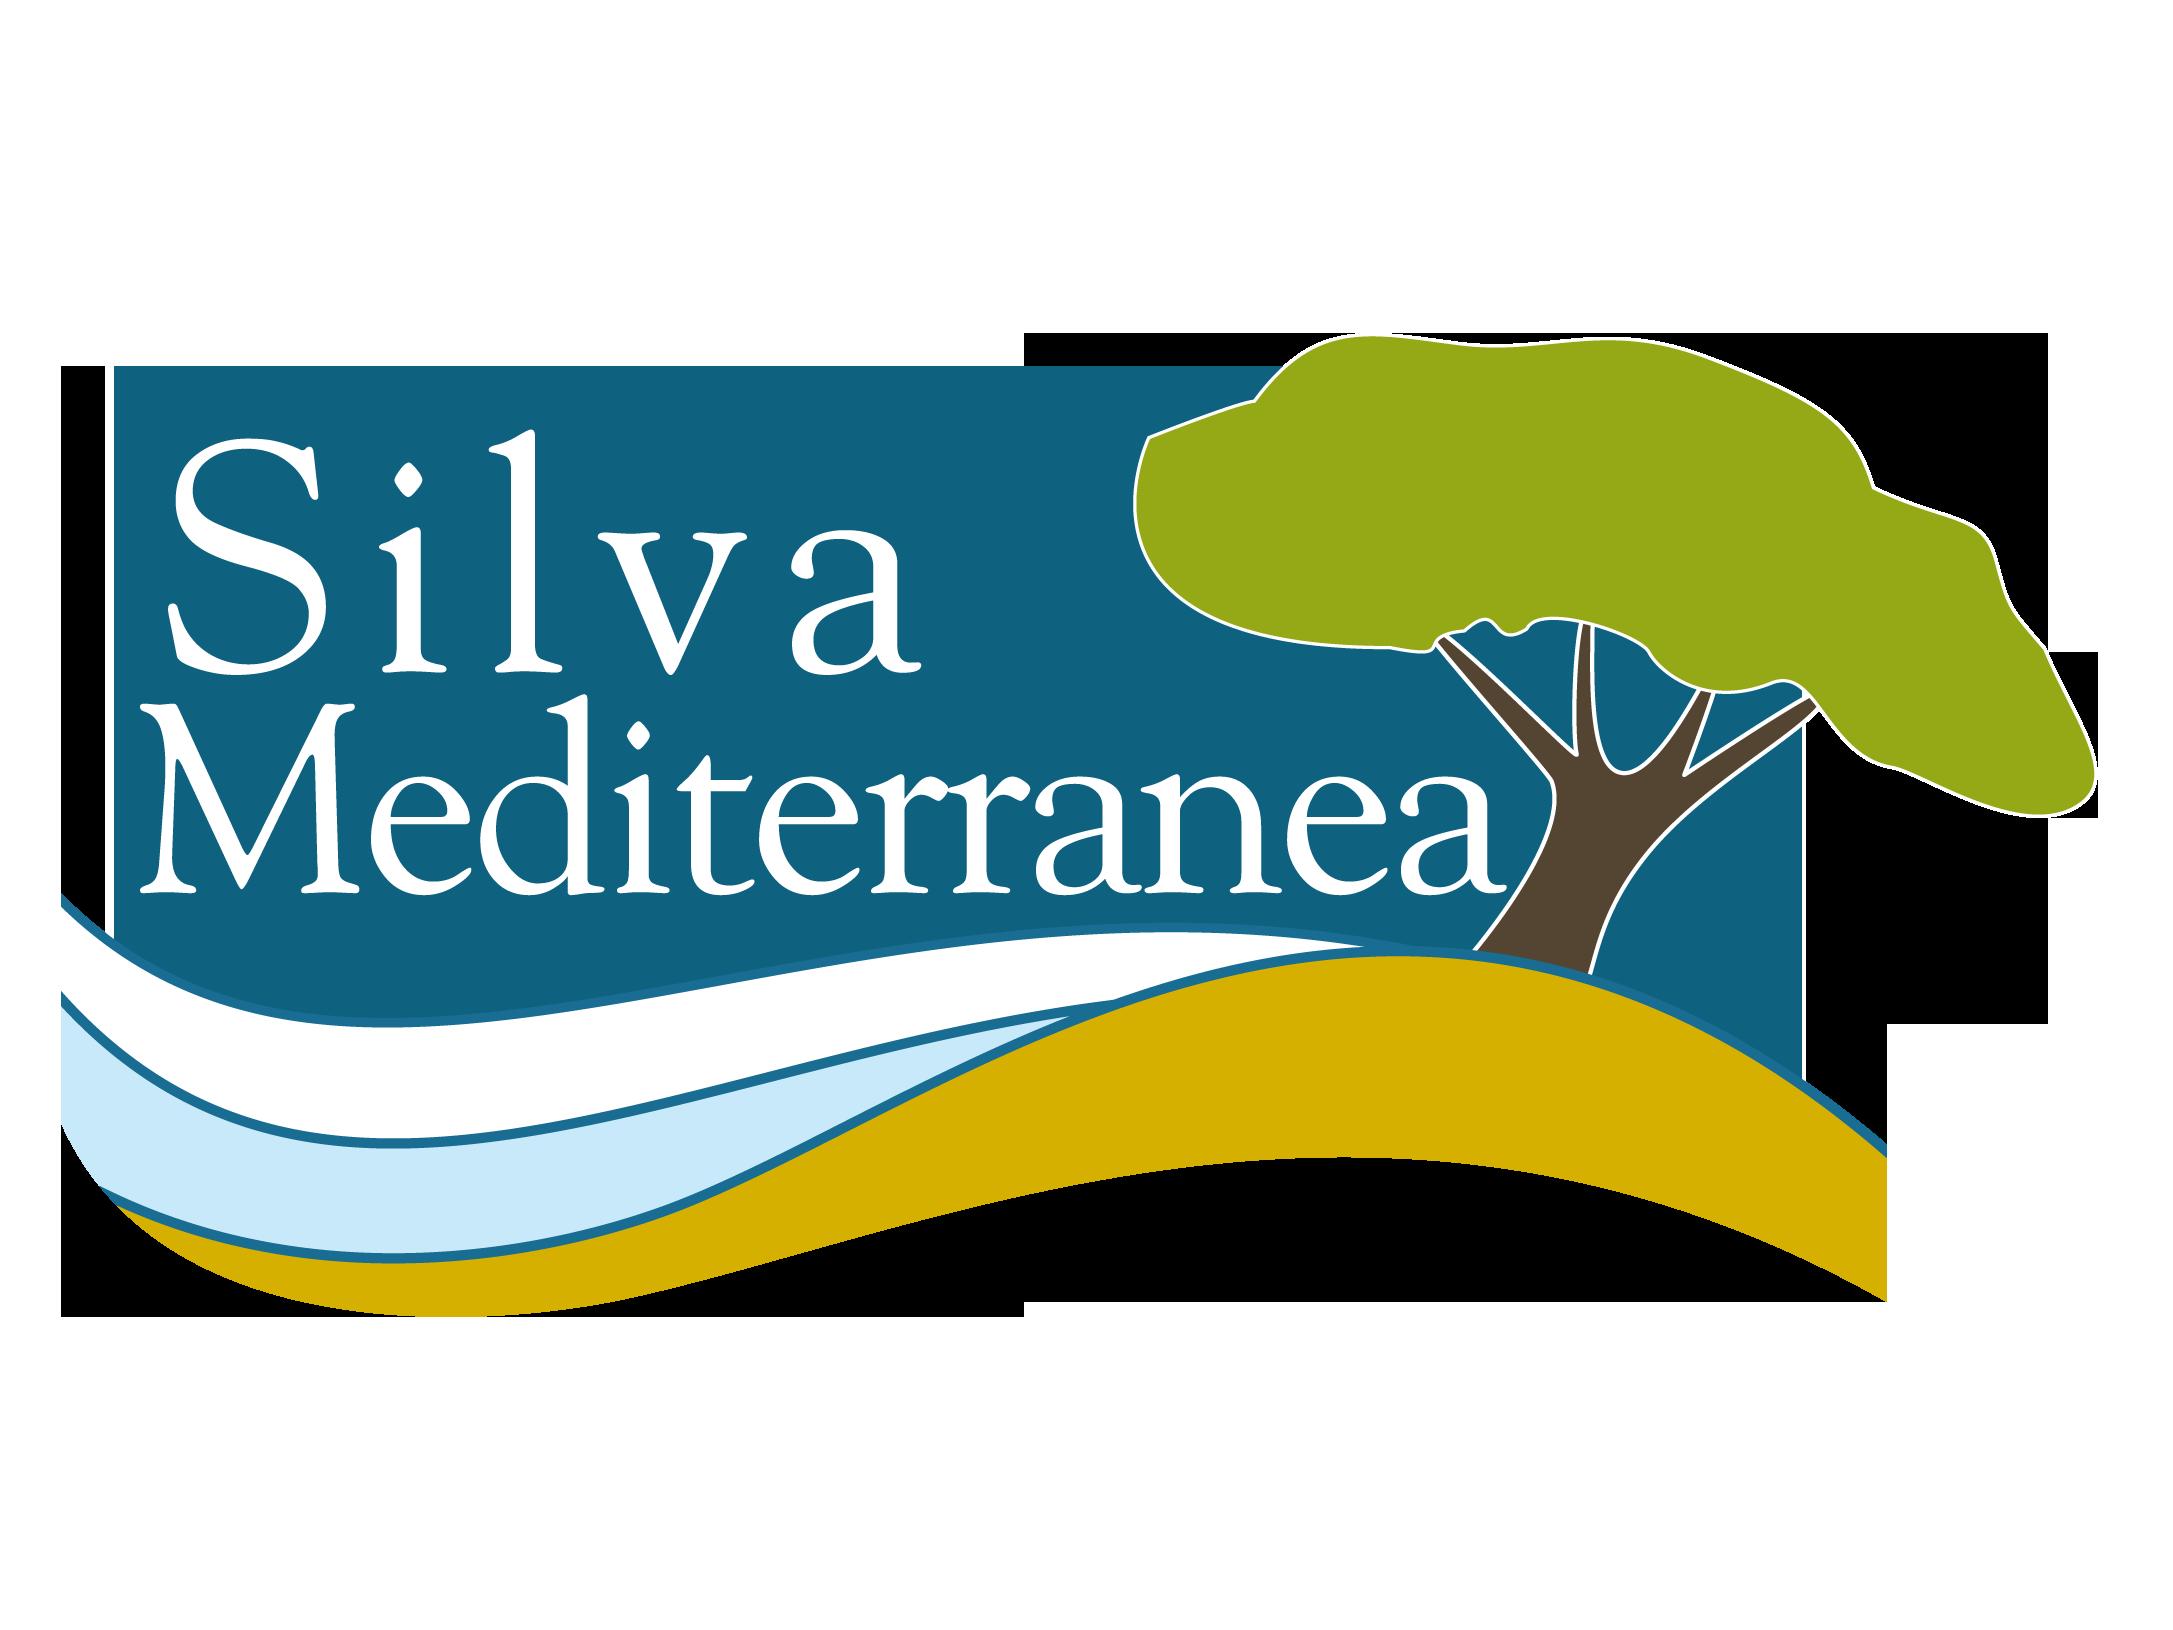 Silva Mediterranea